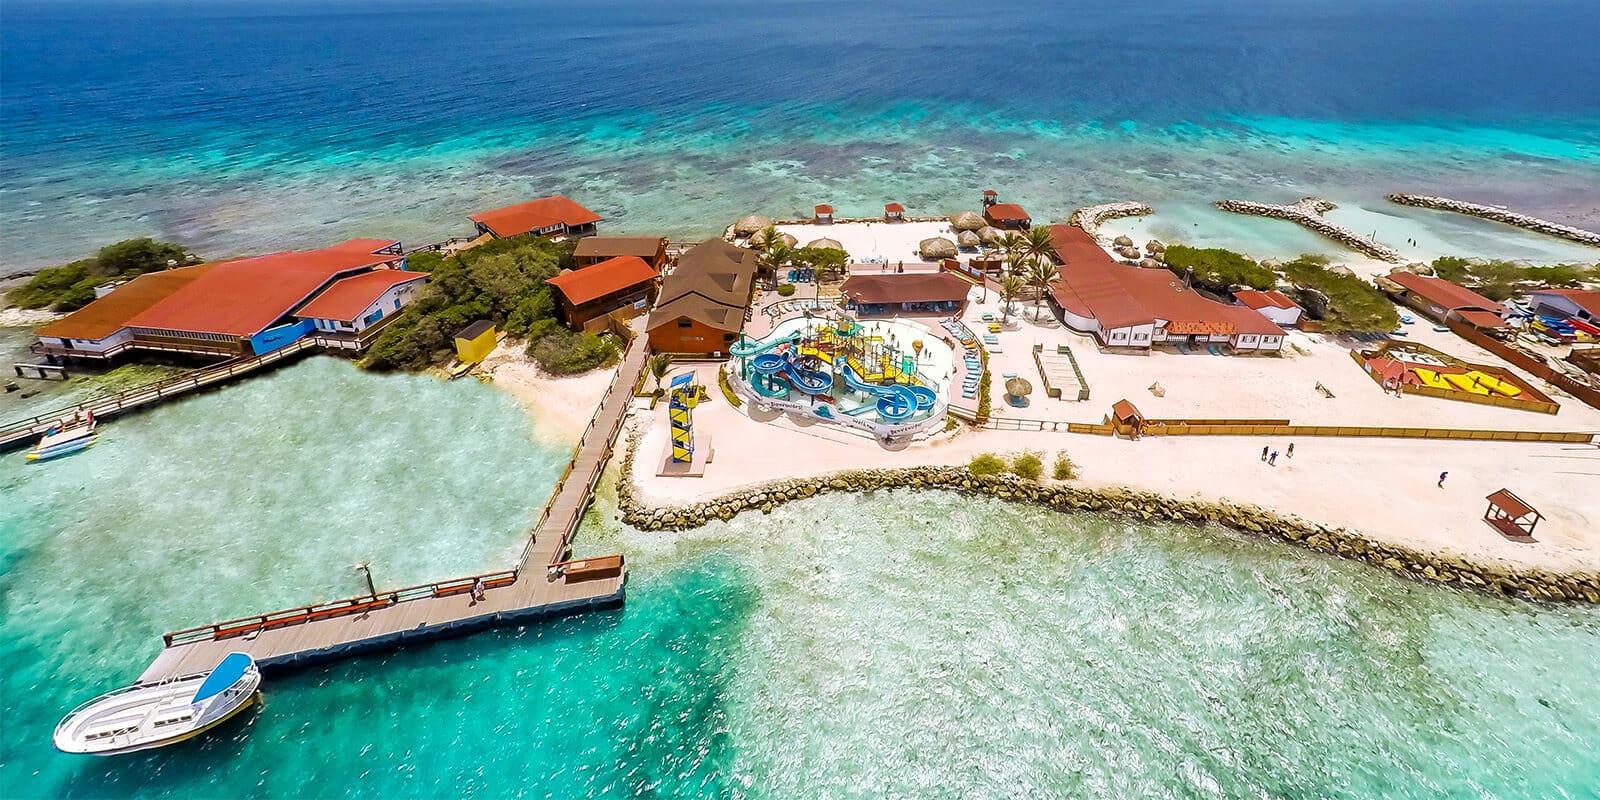 O Que Fazer em Aruba no Caribe: de palm island